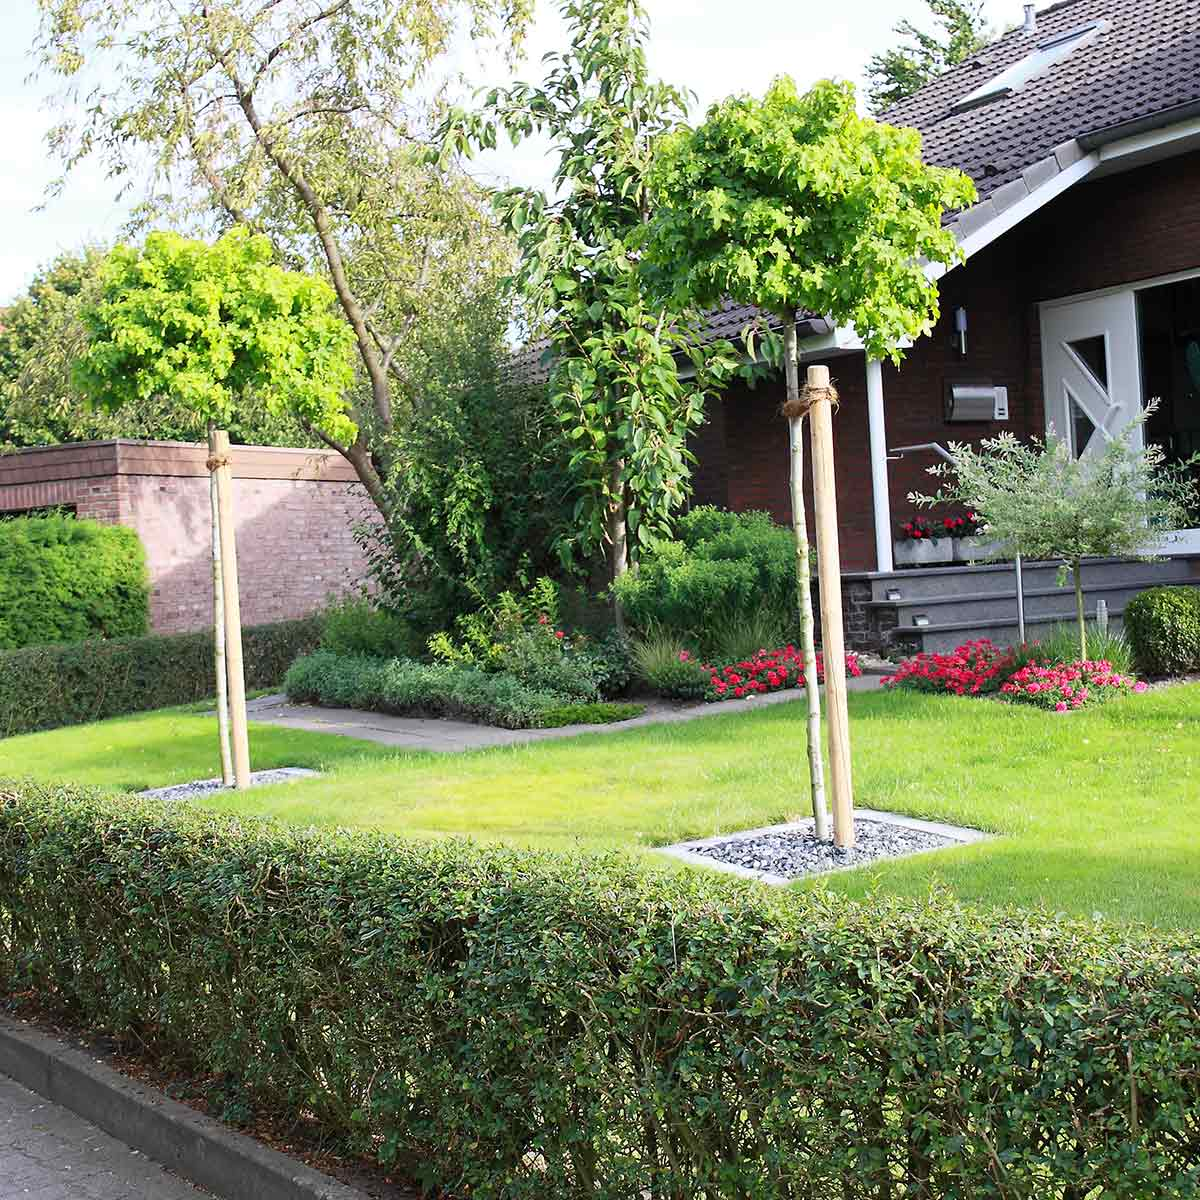 Vorgartengestaltung Rasenfläche Bäume Hecke